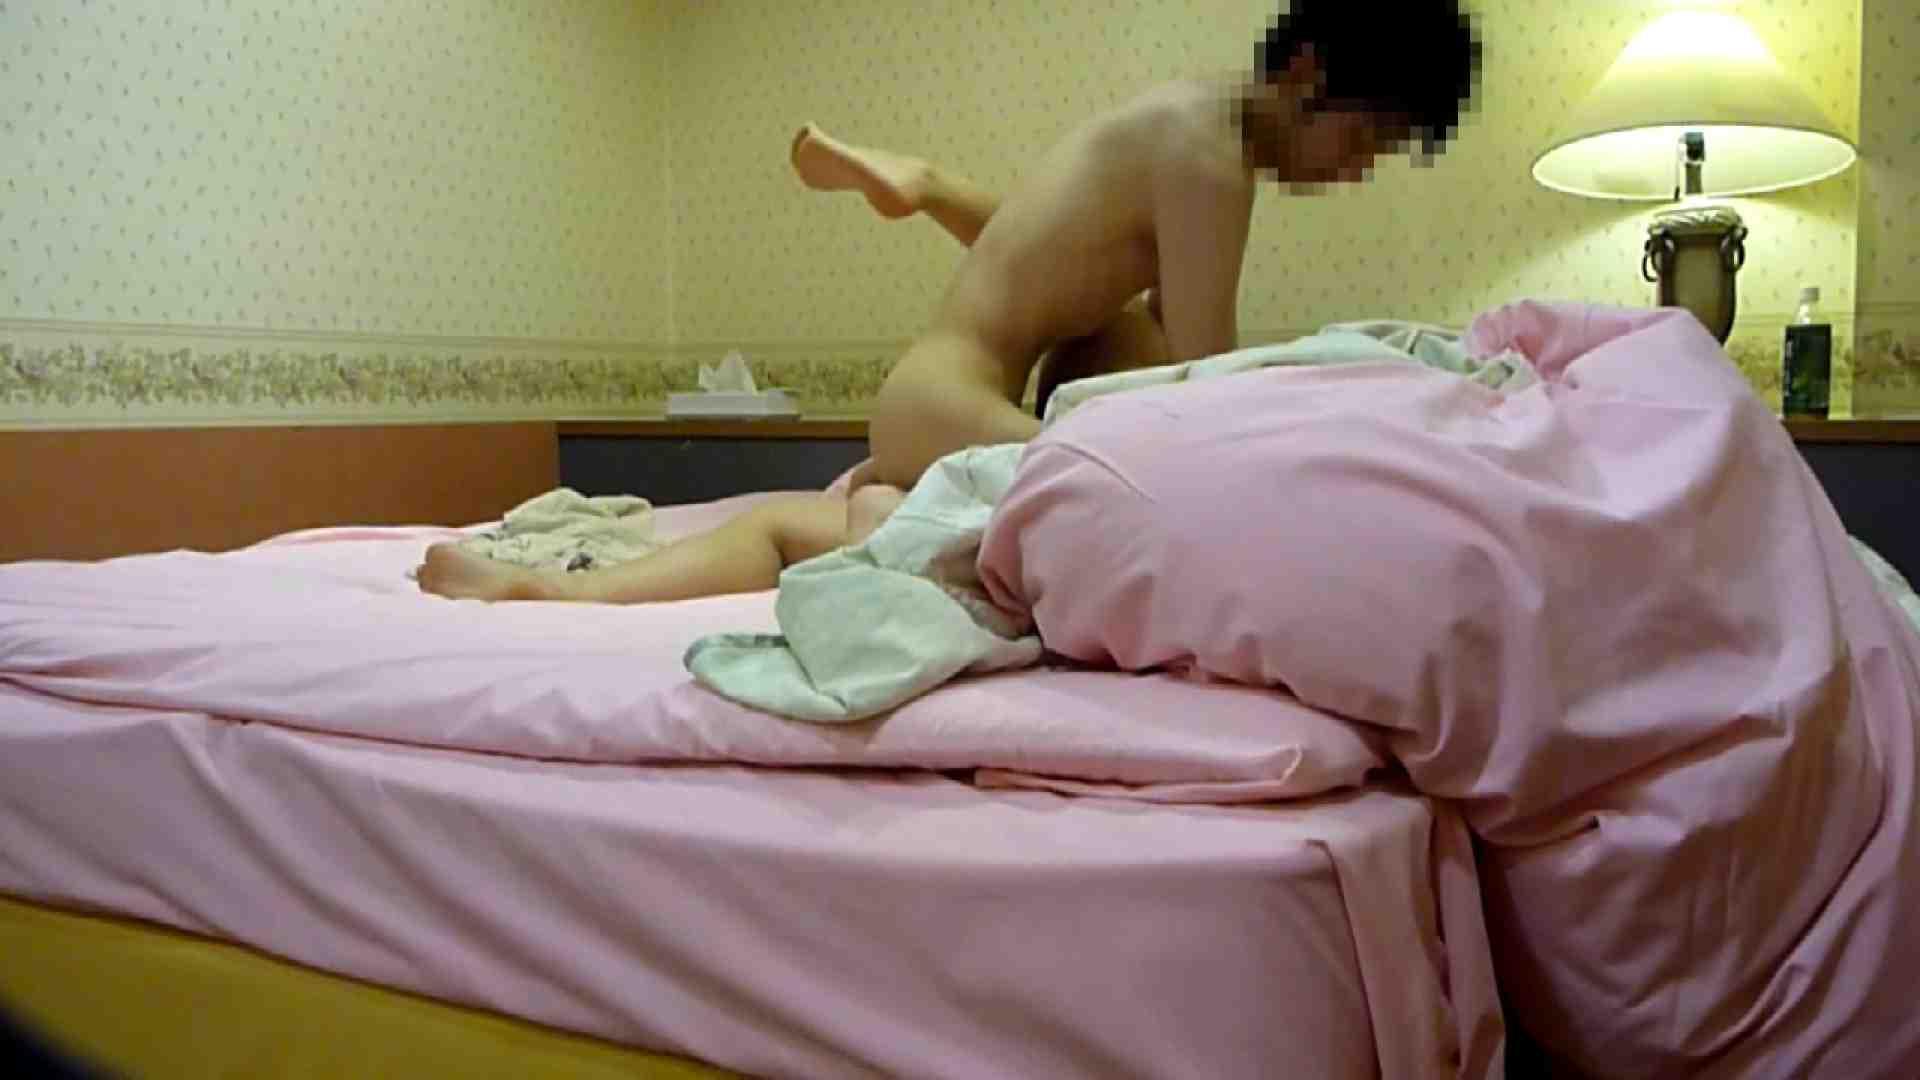 【完全素人投稿】誰にしようか!?やりチン健太の本日もデリ嬢いただきま~す!!05 投稿 セックス画像 107枚 38